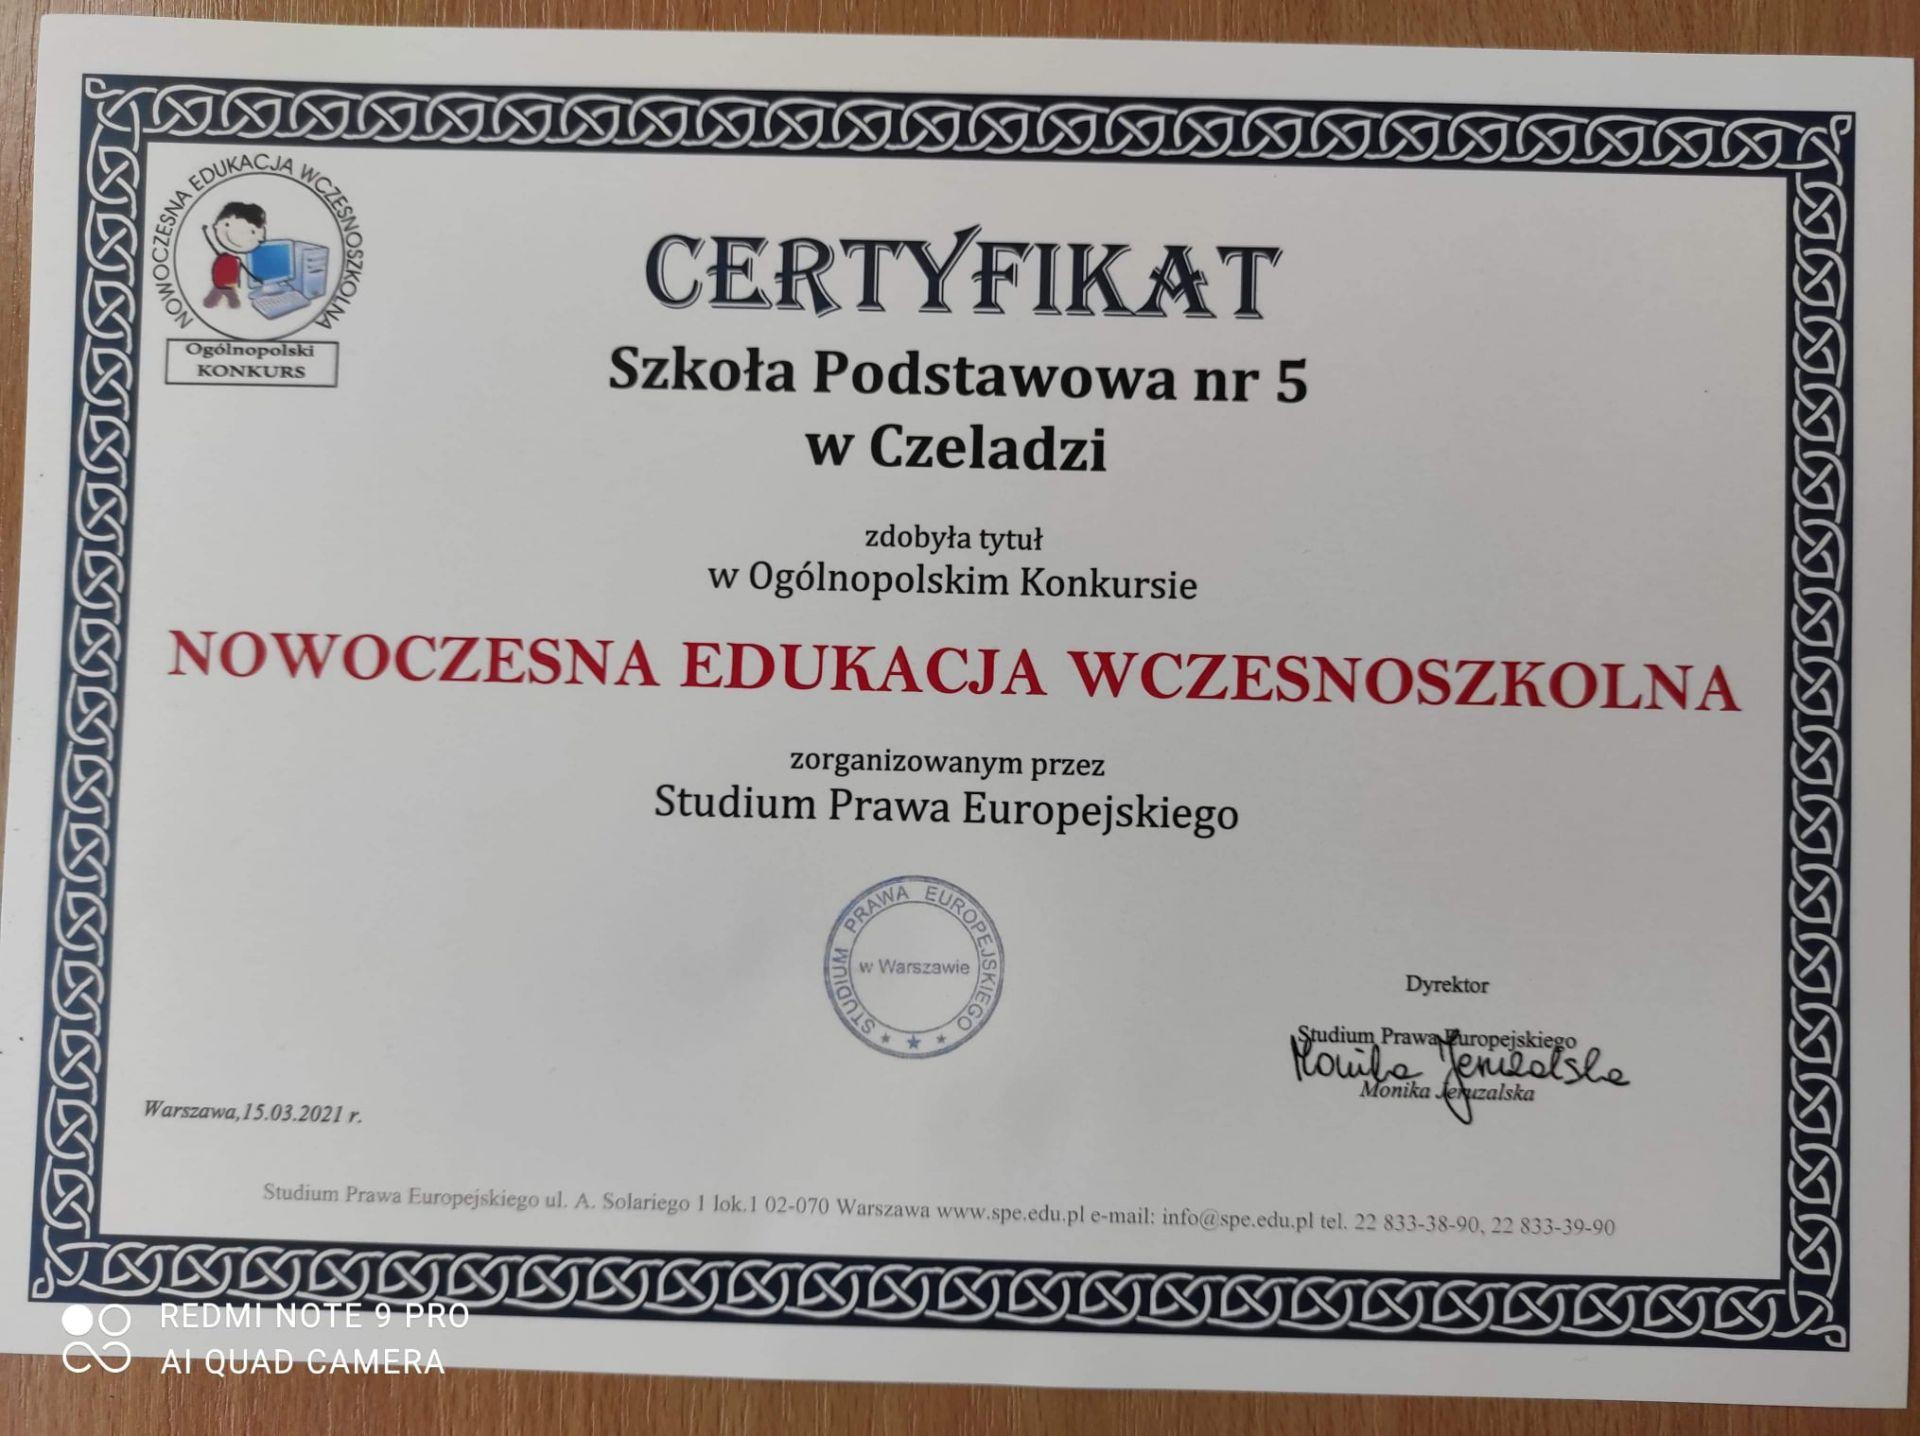 Certyfikat Nowoczesnej Edukacji Wczesnoszkolnej